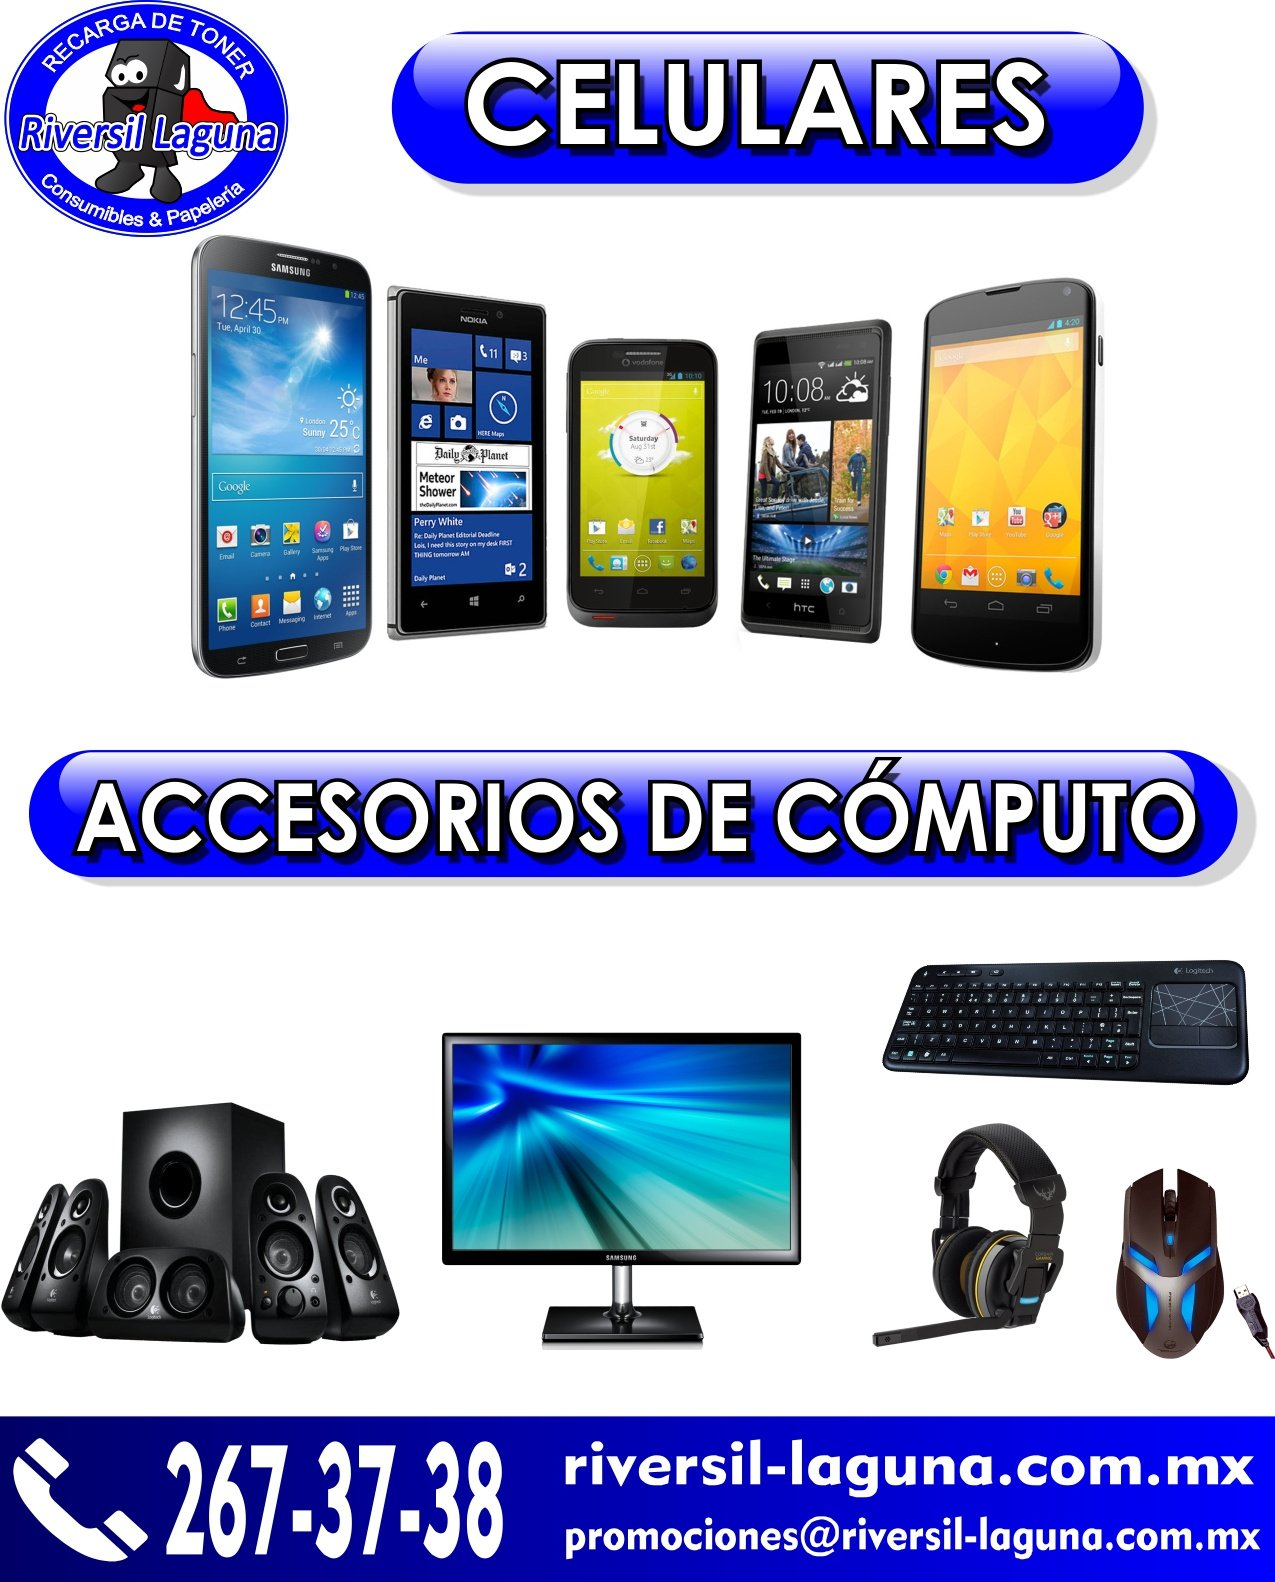 electrónica y accesorios